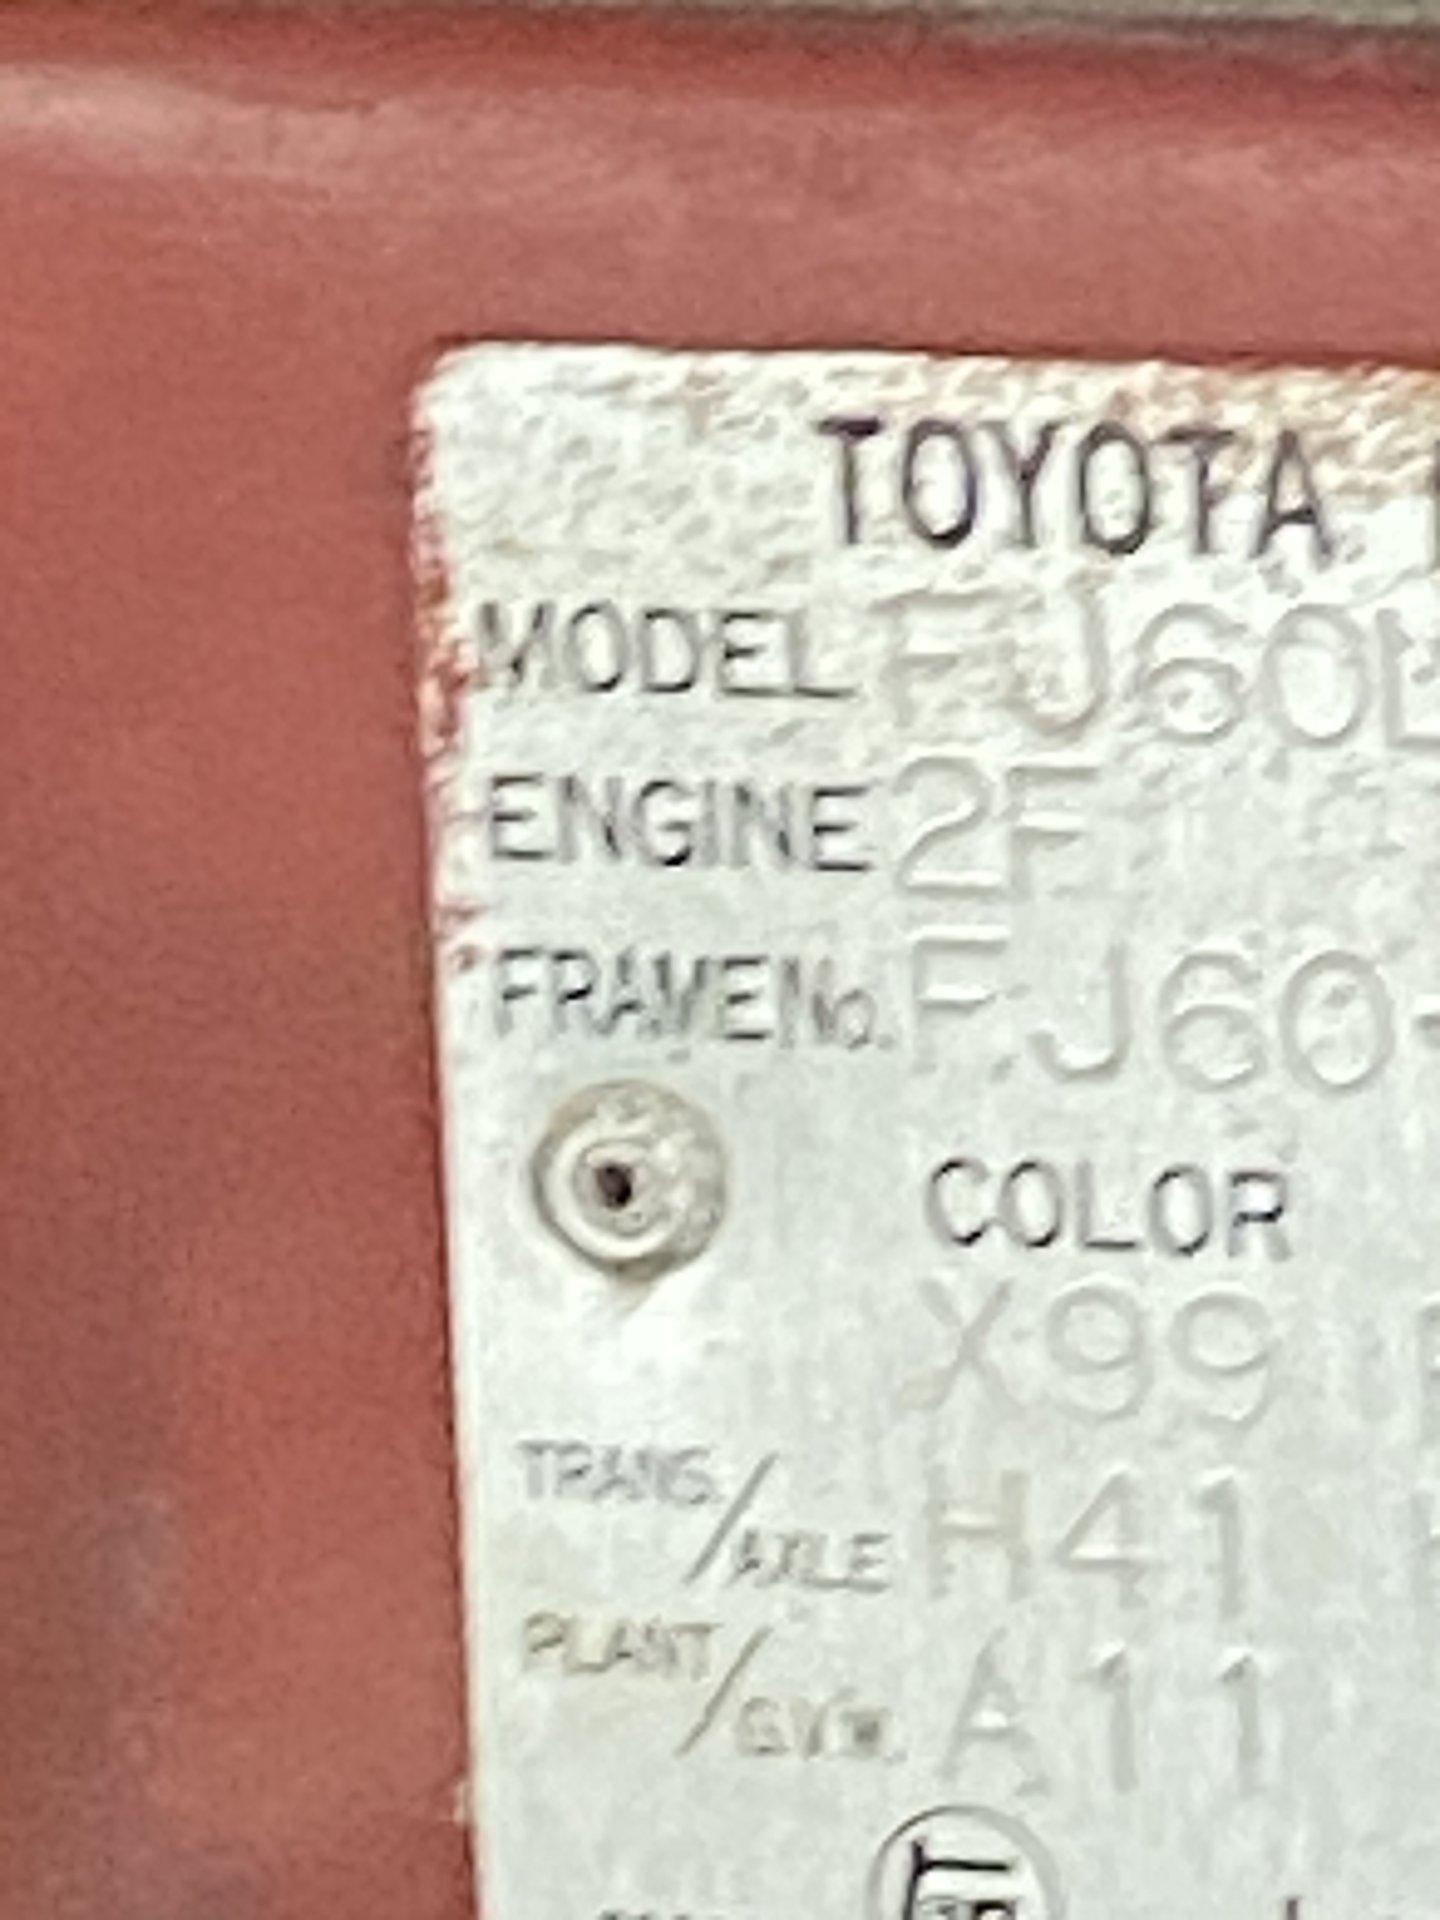 6614E1AF-F2D2-4782-BB42-2596D9DAD401.jpeg